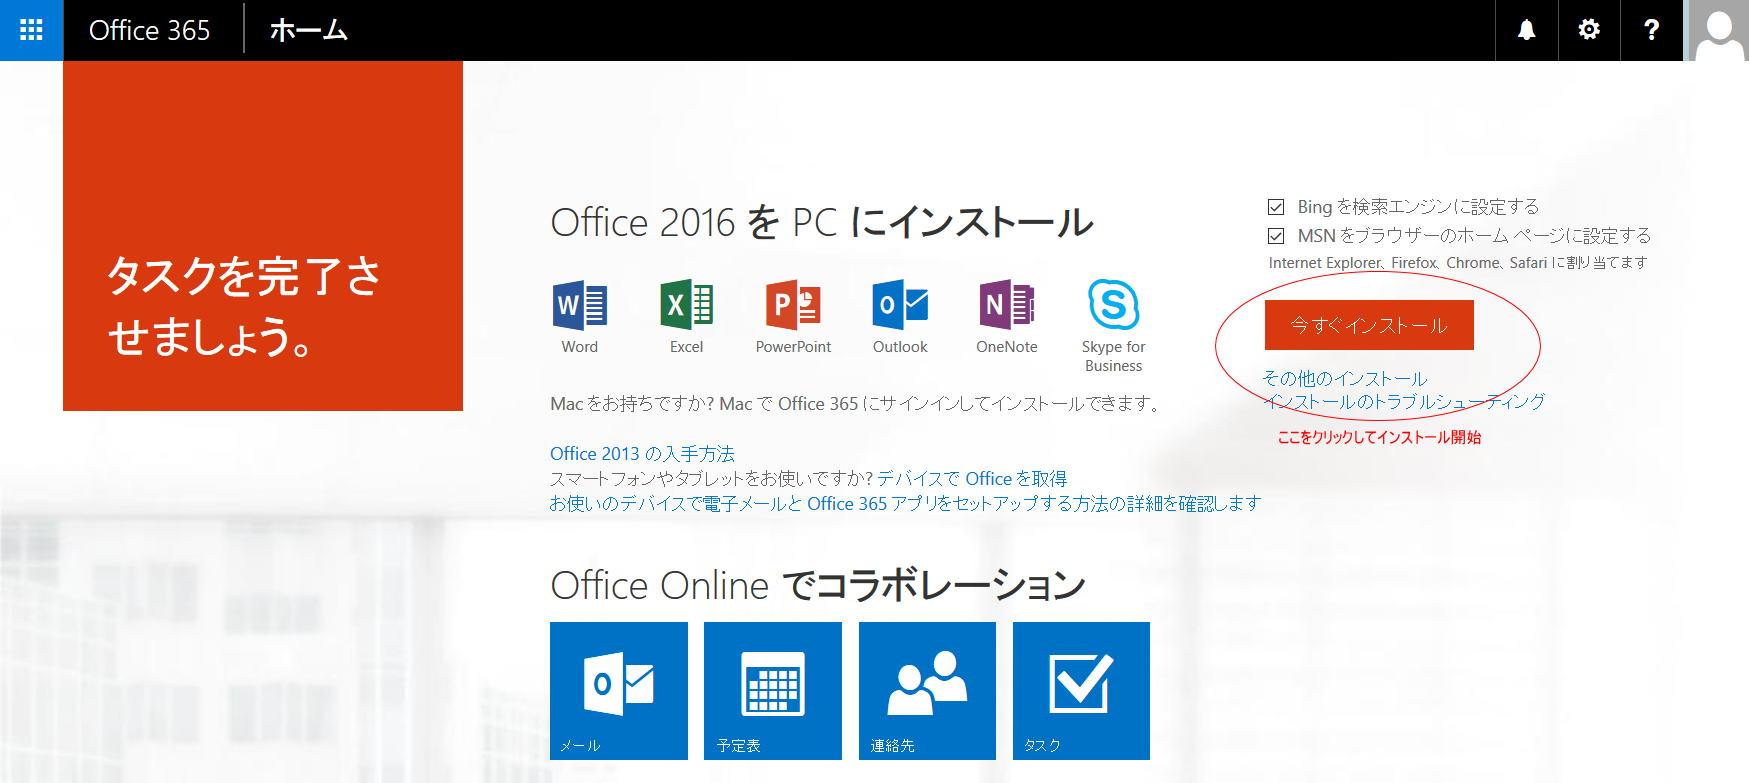 365 オフィス Office 2019が新登場!Office